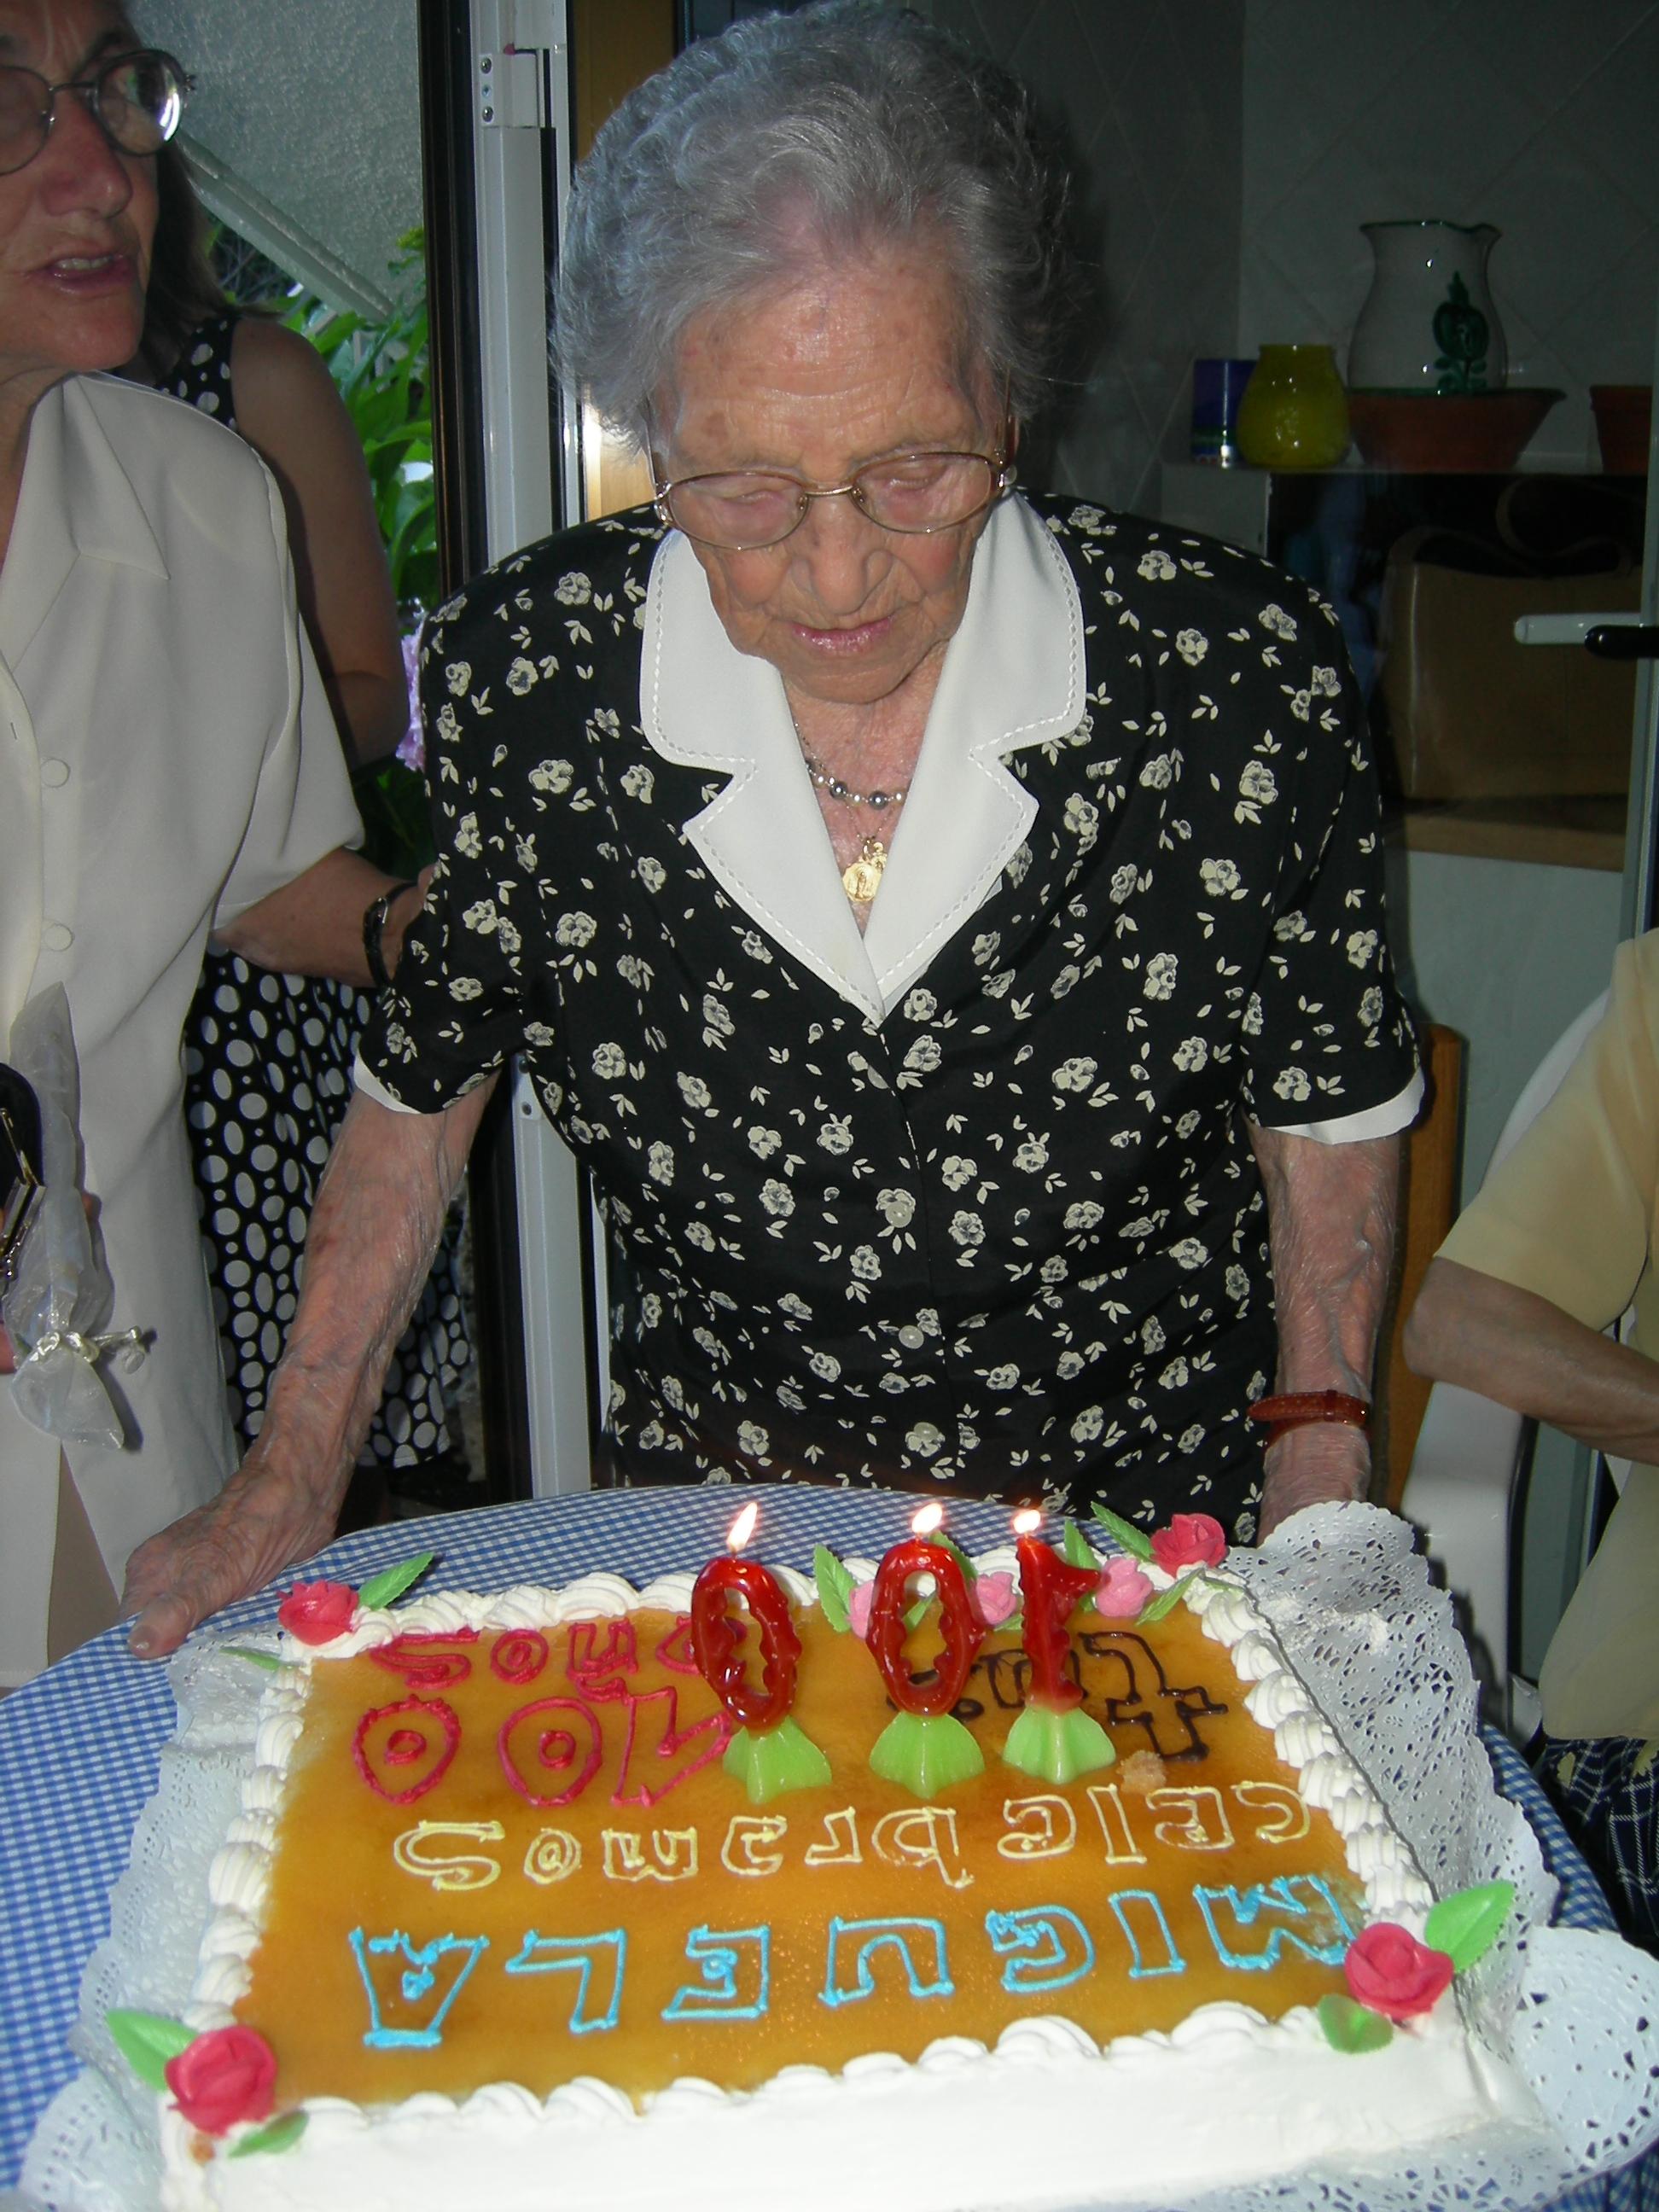 Mi Abuela Cumple 100 Años Siempre Amanece